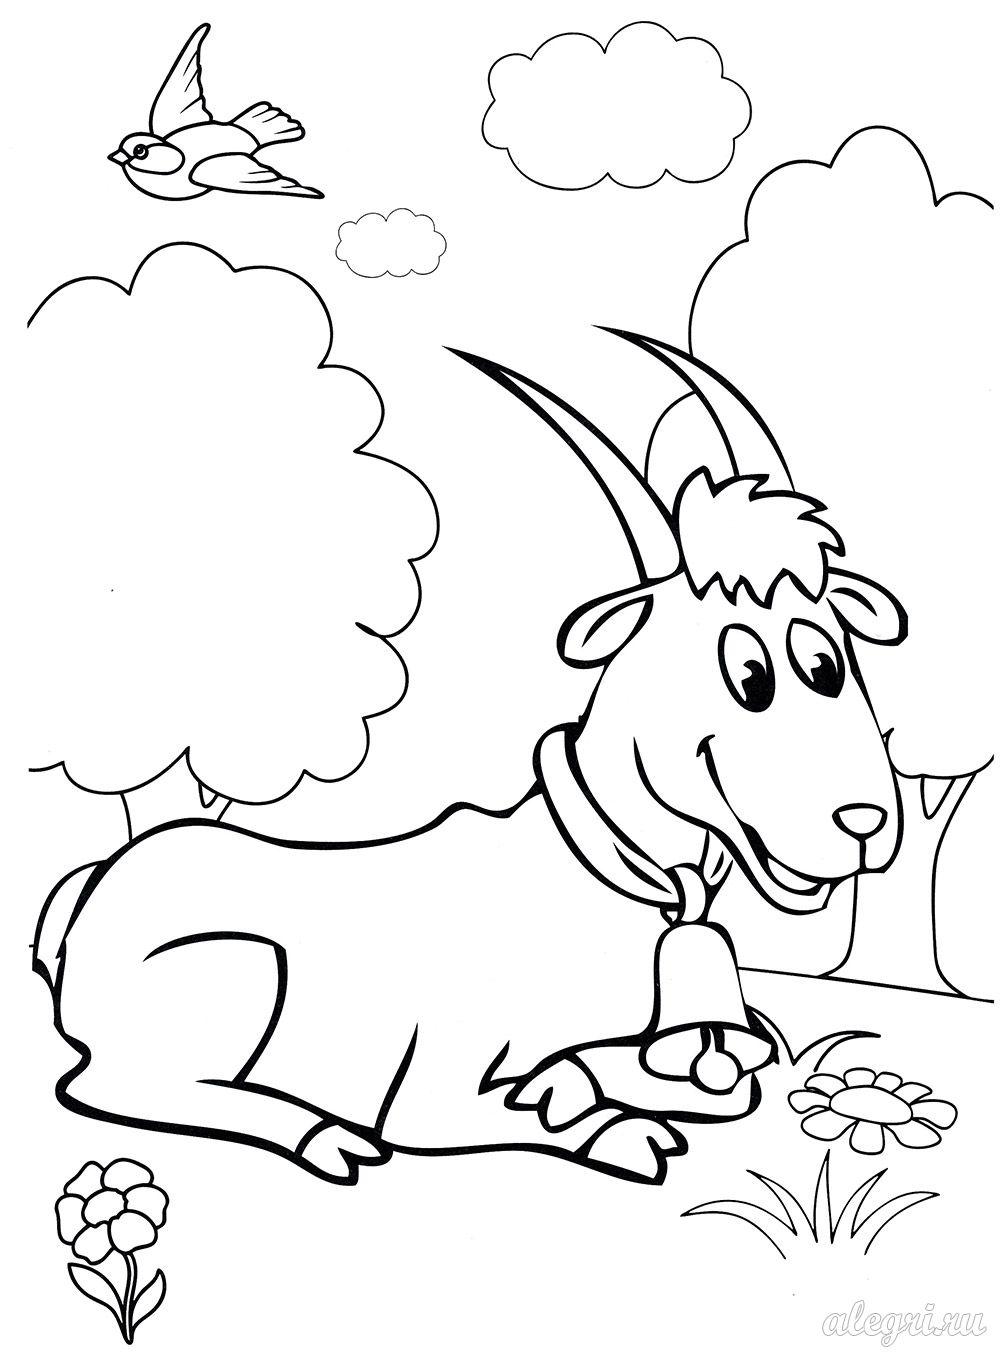 Коза. Раскраска для детей дошкольного возраста